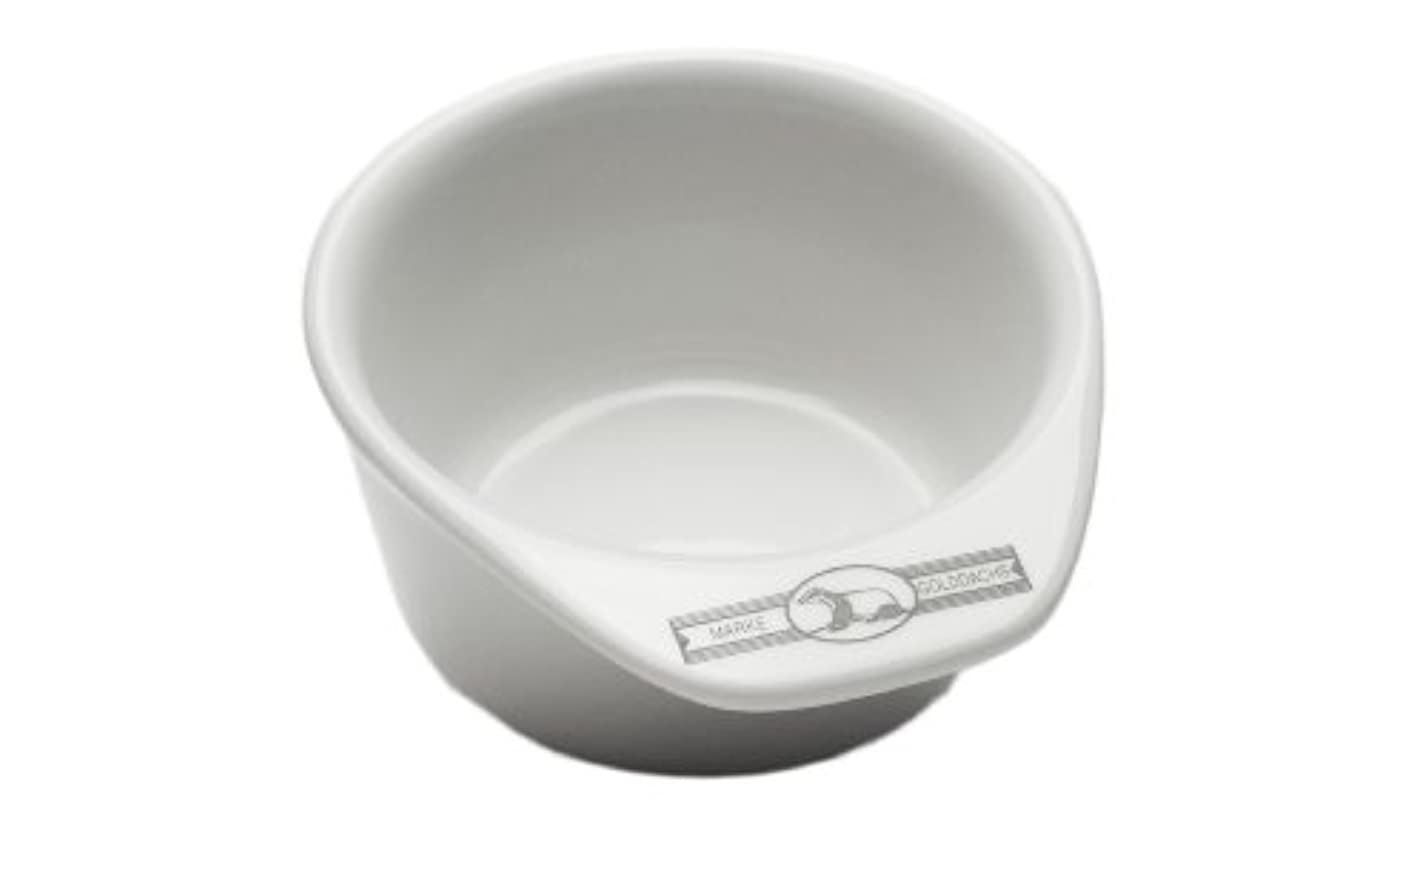 特異性暗くするスマッシュGolddachs shaving pot, Porcelain with handle